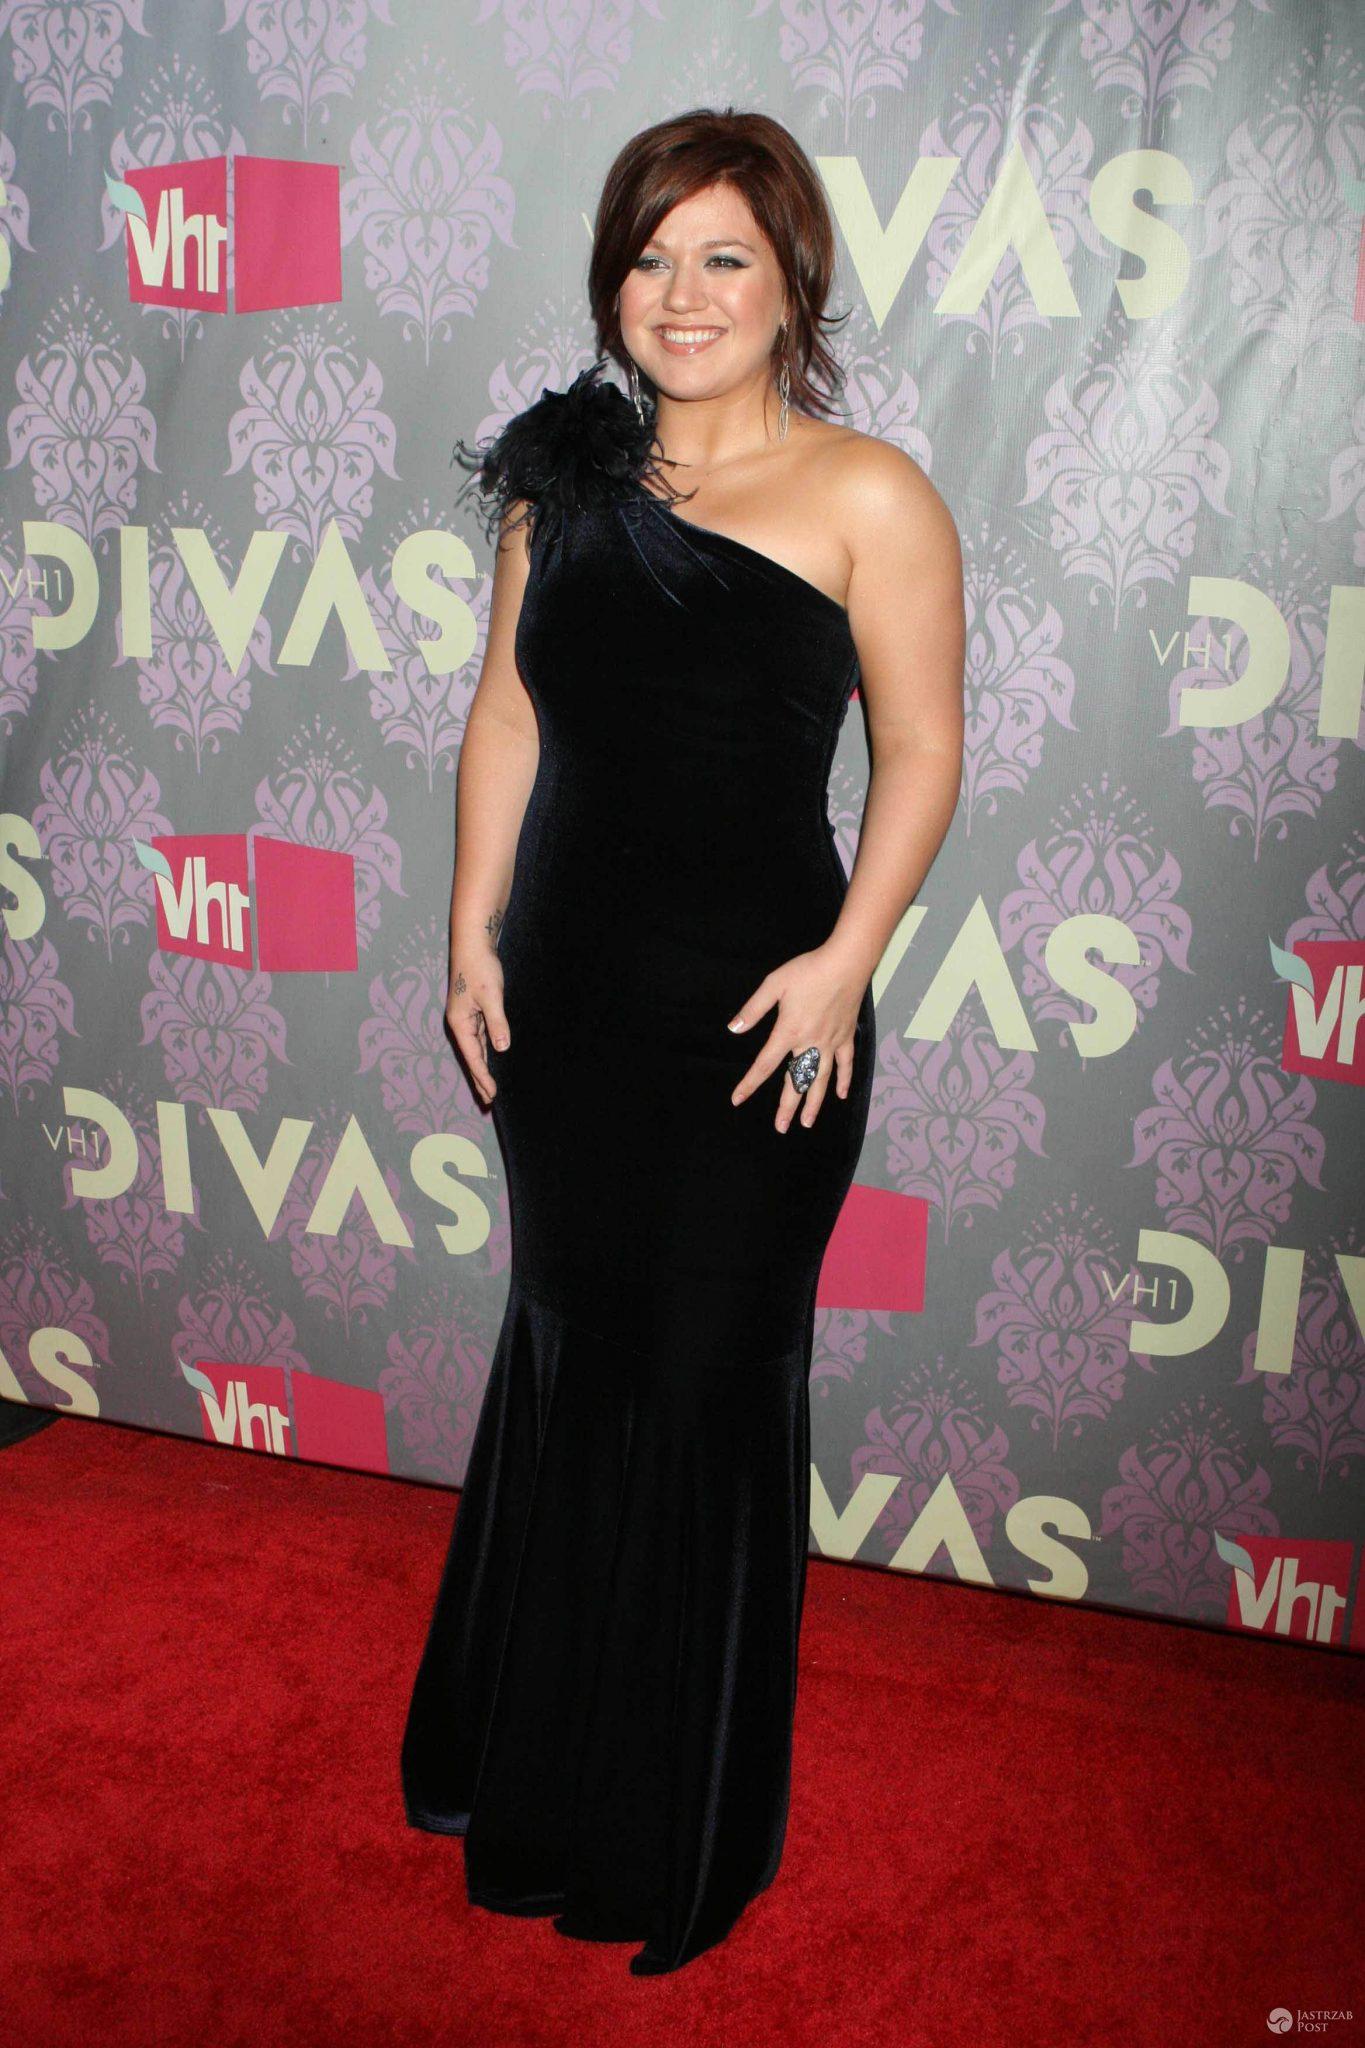 Kelly Clarkson urodziła się 24 kwietnia 1982 roku